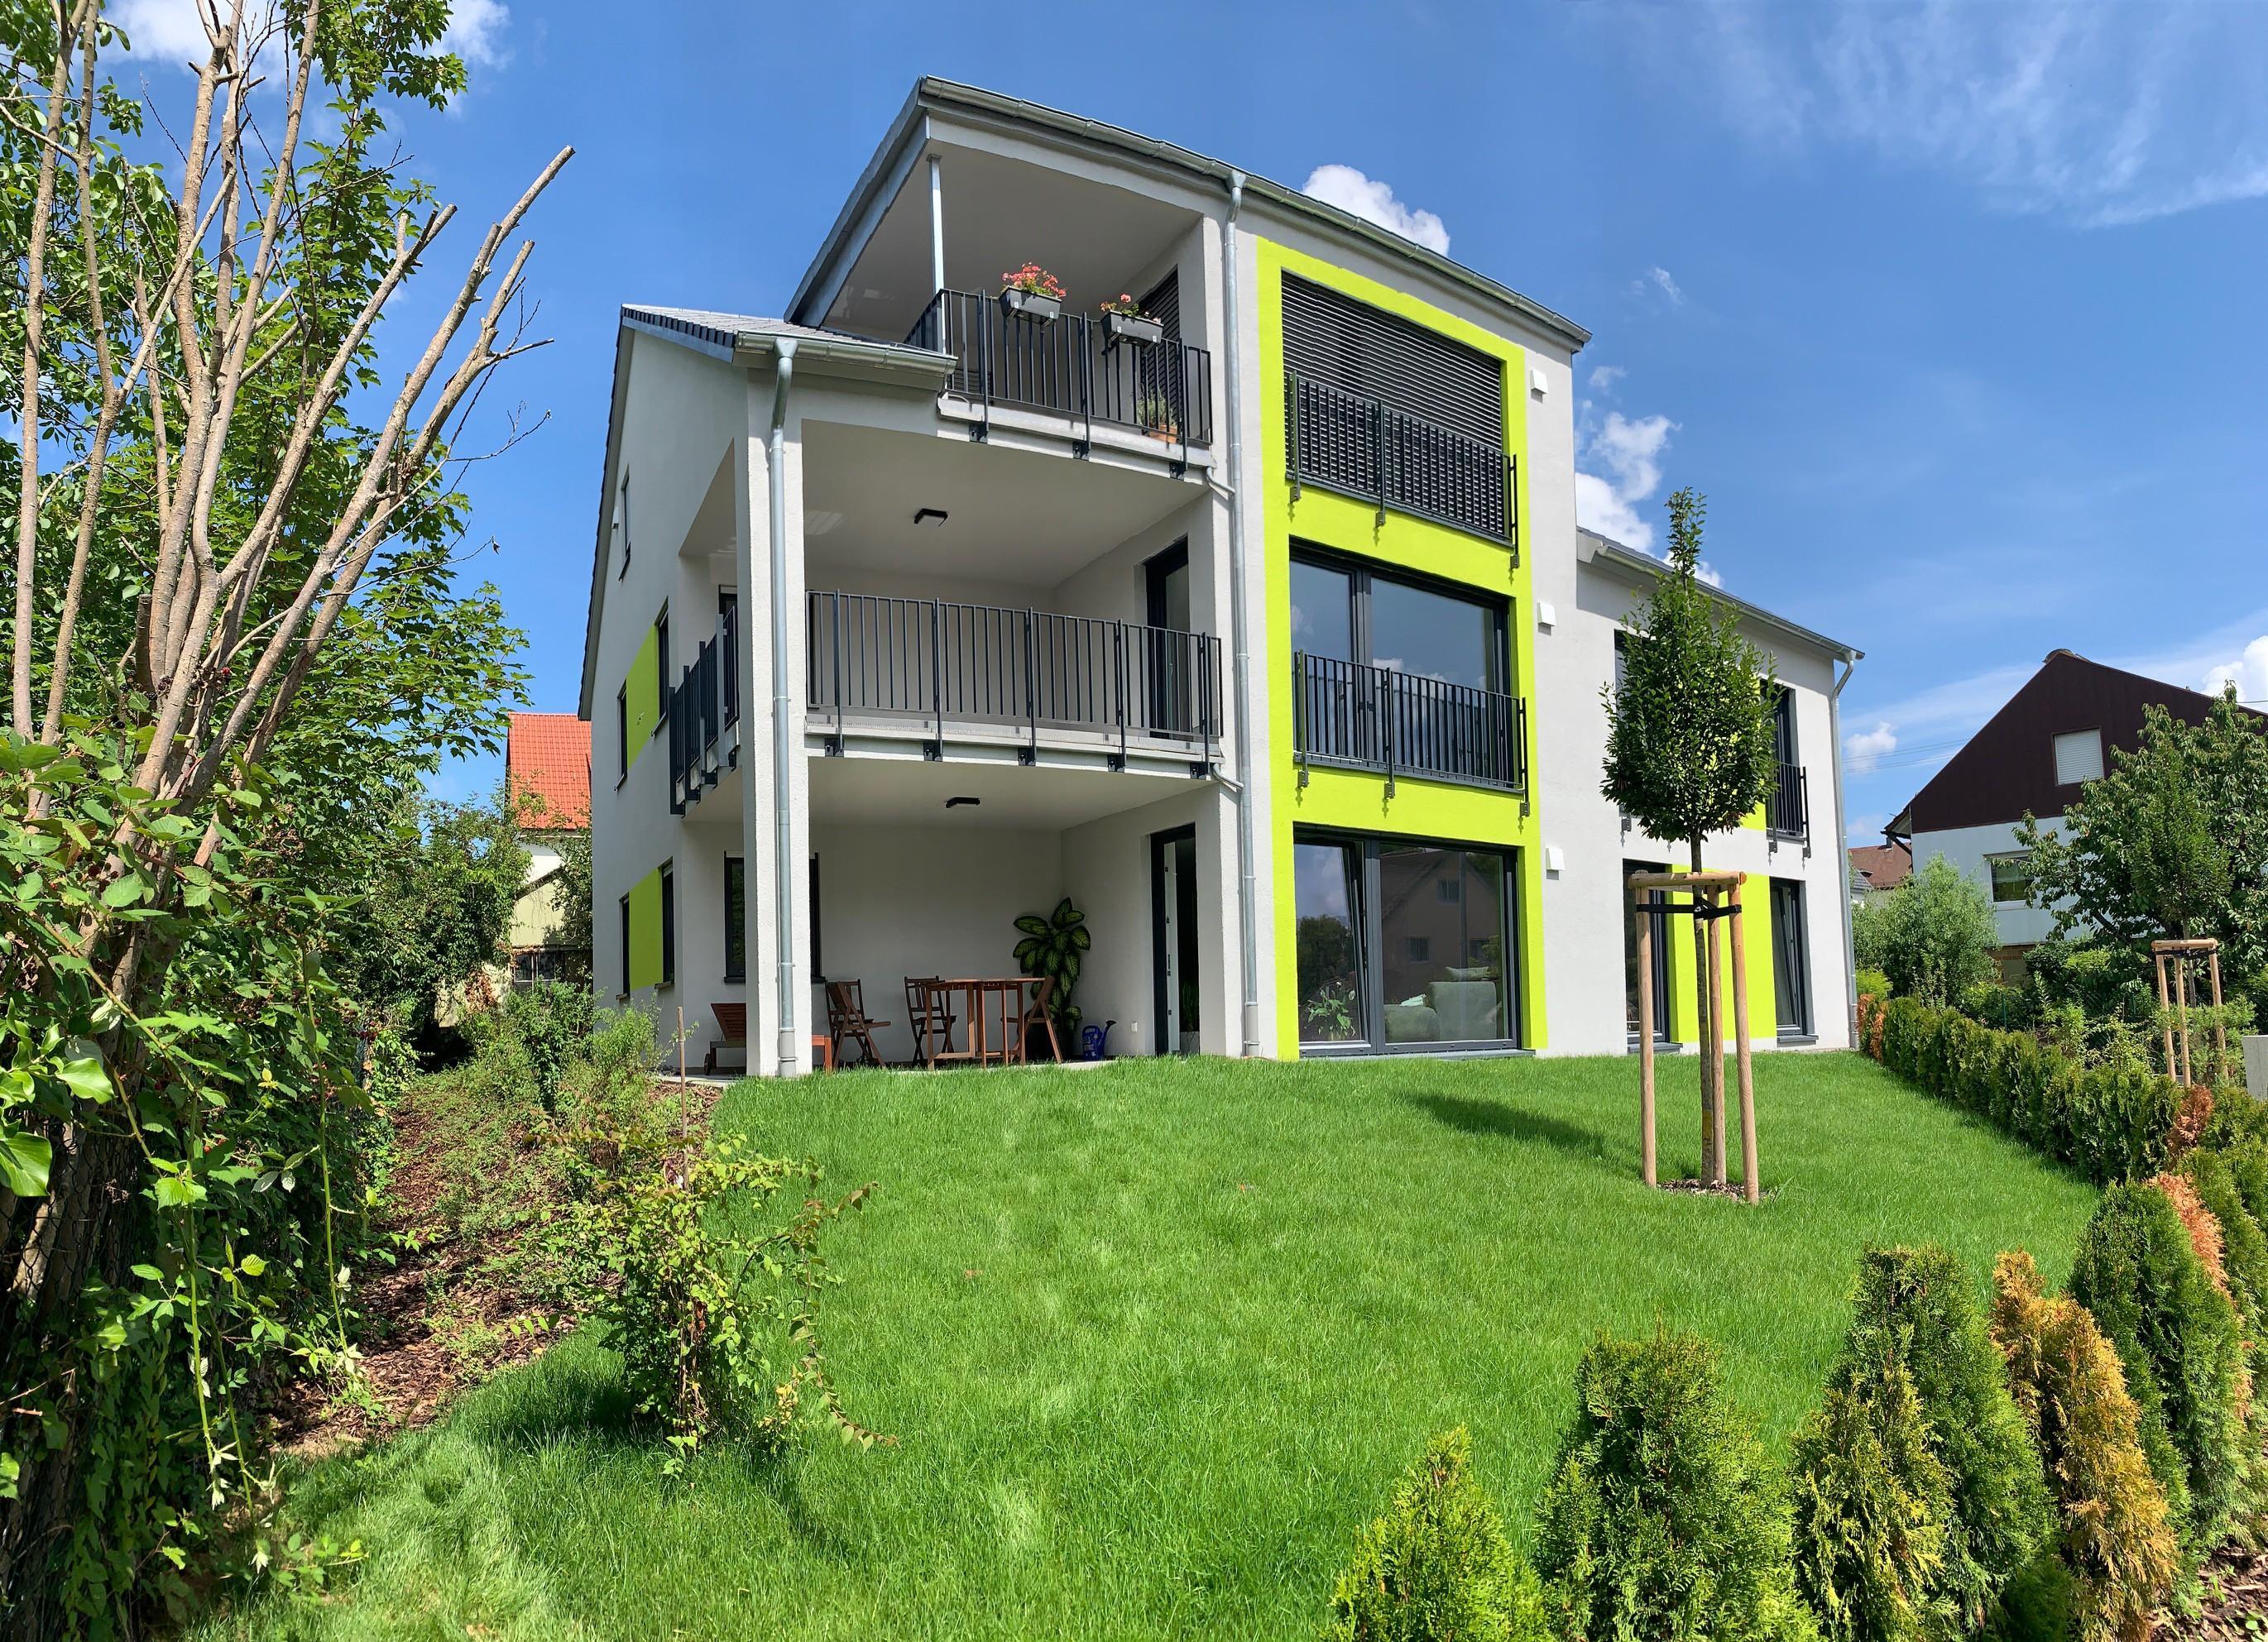 Das Traditionsunternehmen Böpple-Bau aus Heilbronn ist spezialisiert auf individuelle, schlüsselfertige Bauprojekte. Fotos: Böpple-Bau